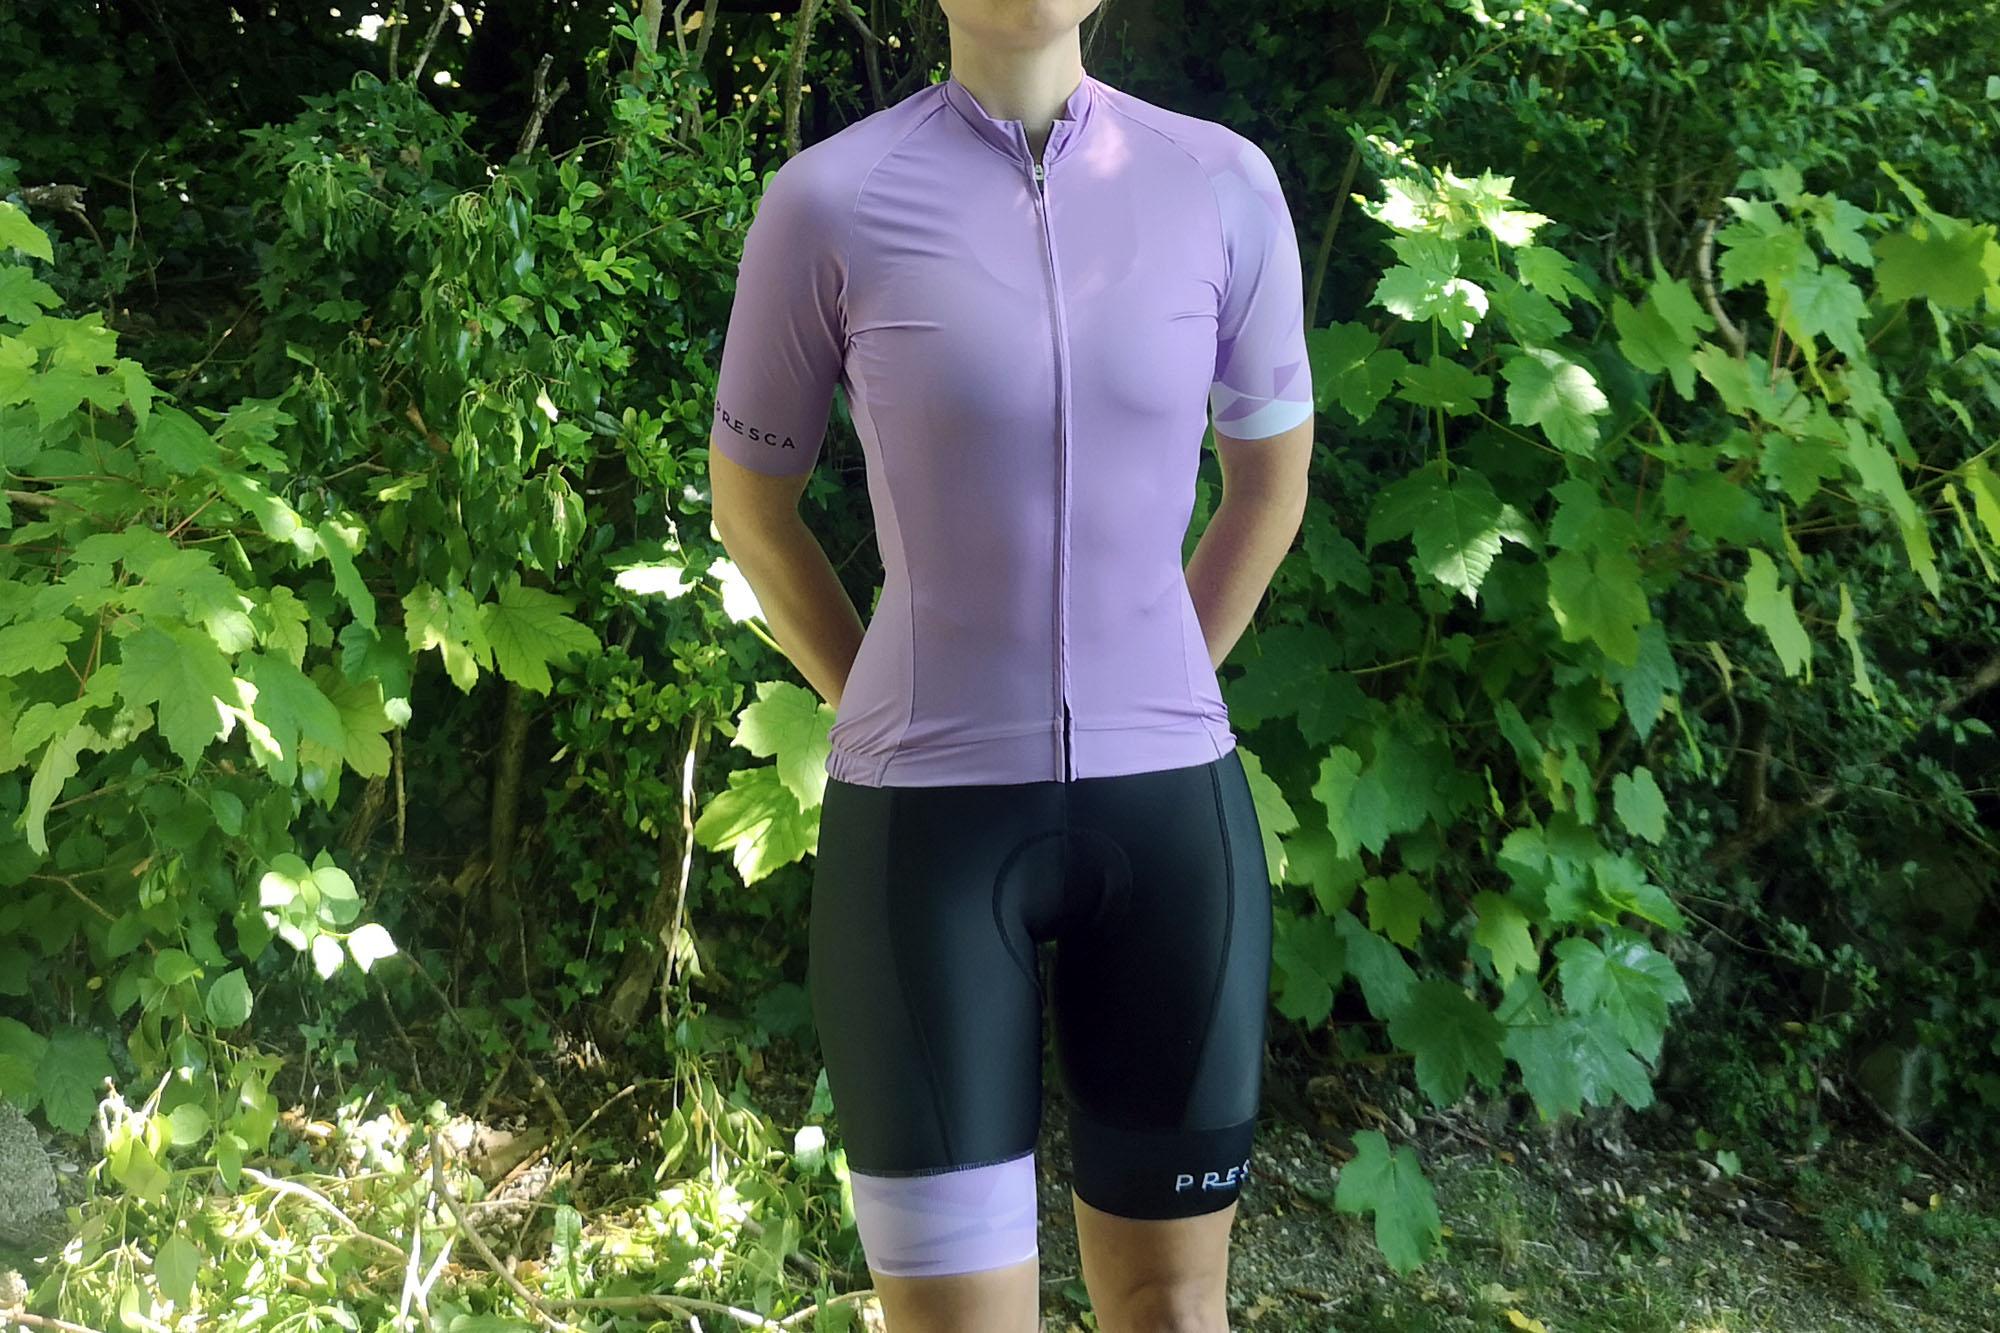 migliori marchi di abbigliamento ciclismo eco-consapevole